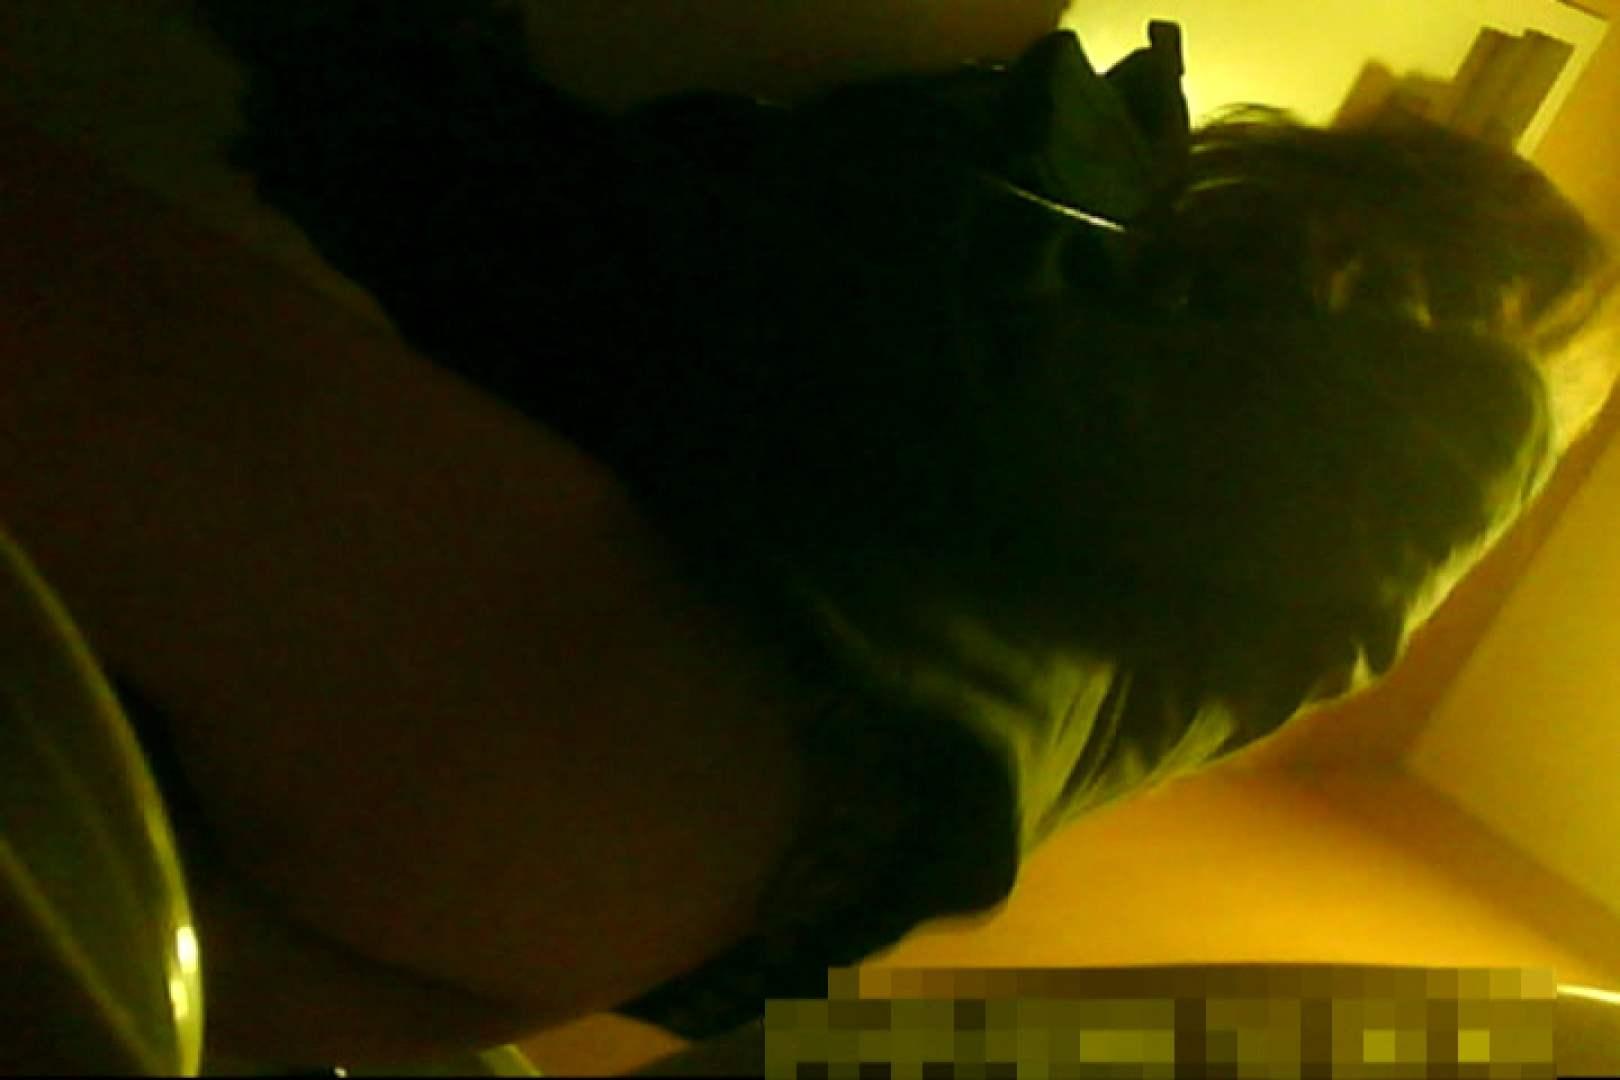 魅惑の化粧室~禁断のプライベート空間~19 プライベート  84画像 12